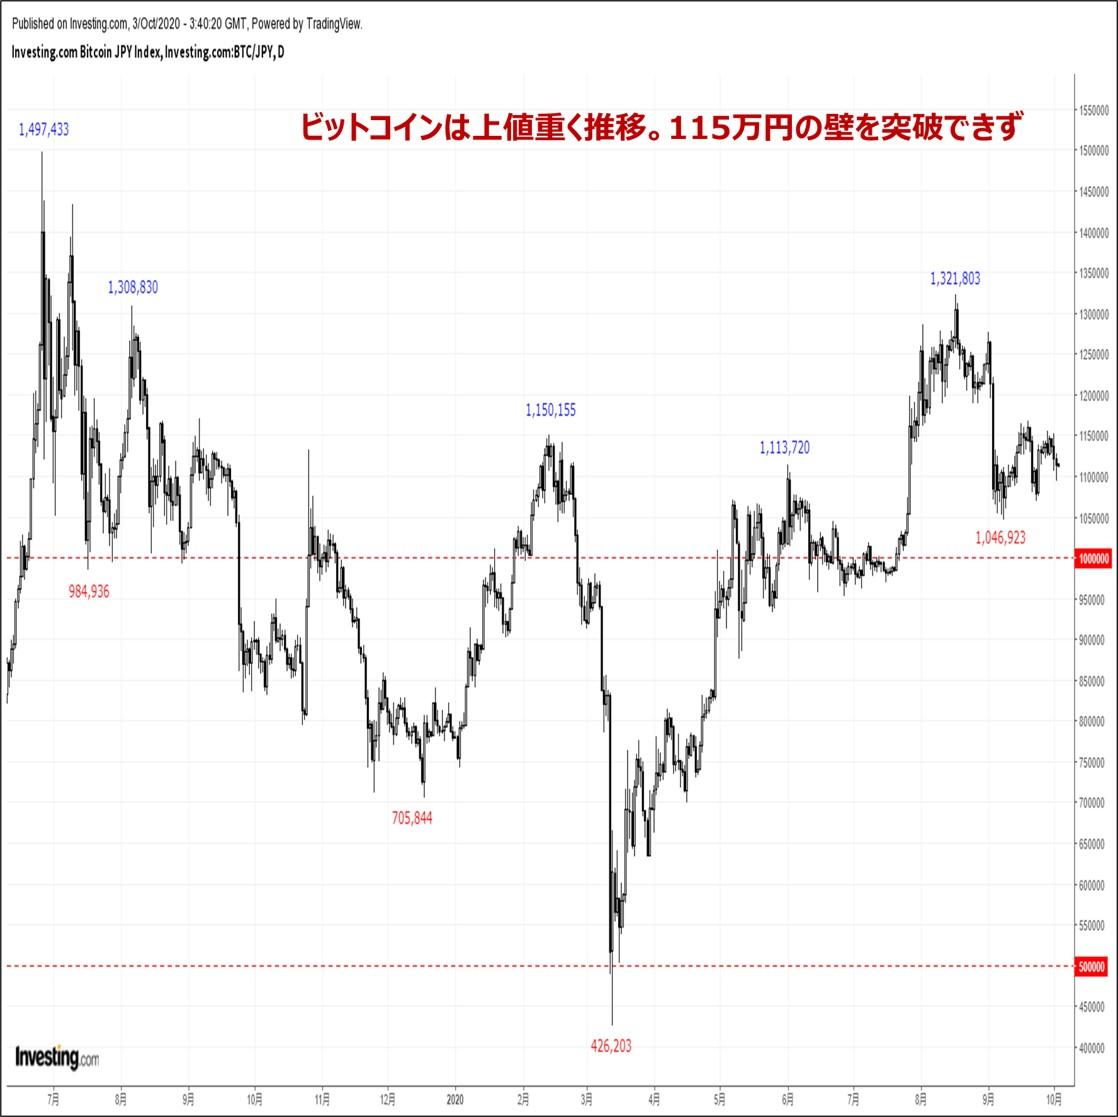 ビットコインの価格分析:『一目雲下限に続伸を阻まれ急反落。来週は値幅拡大に要注意』